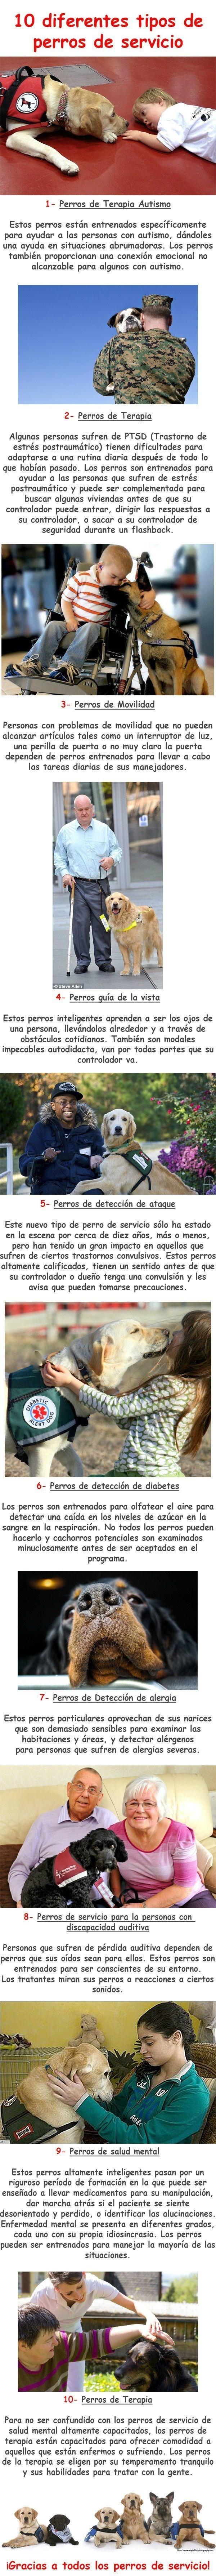 explicacion de los diferentes tipos de perros de servicio